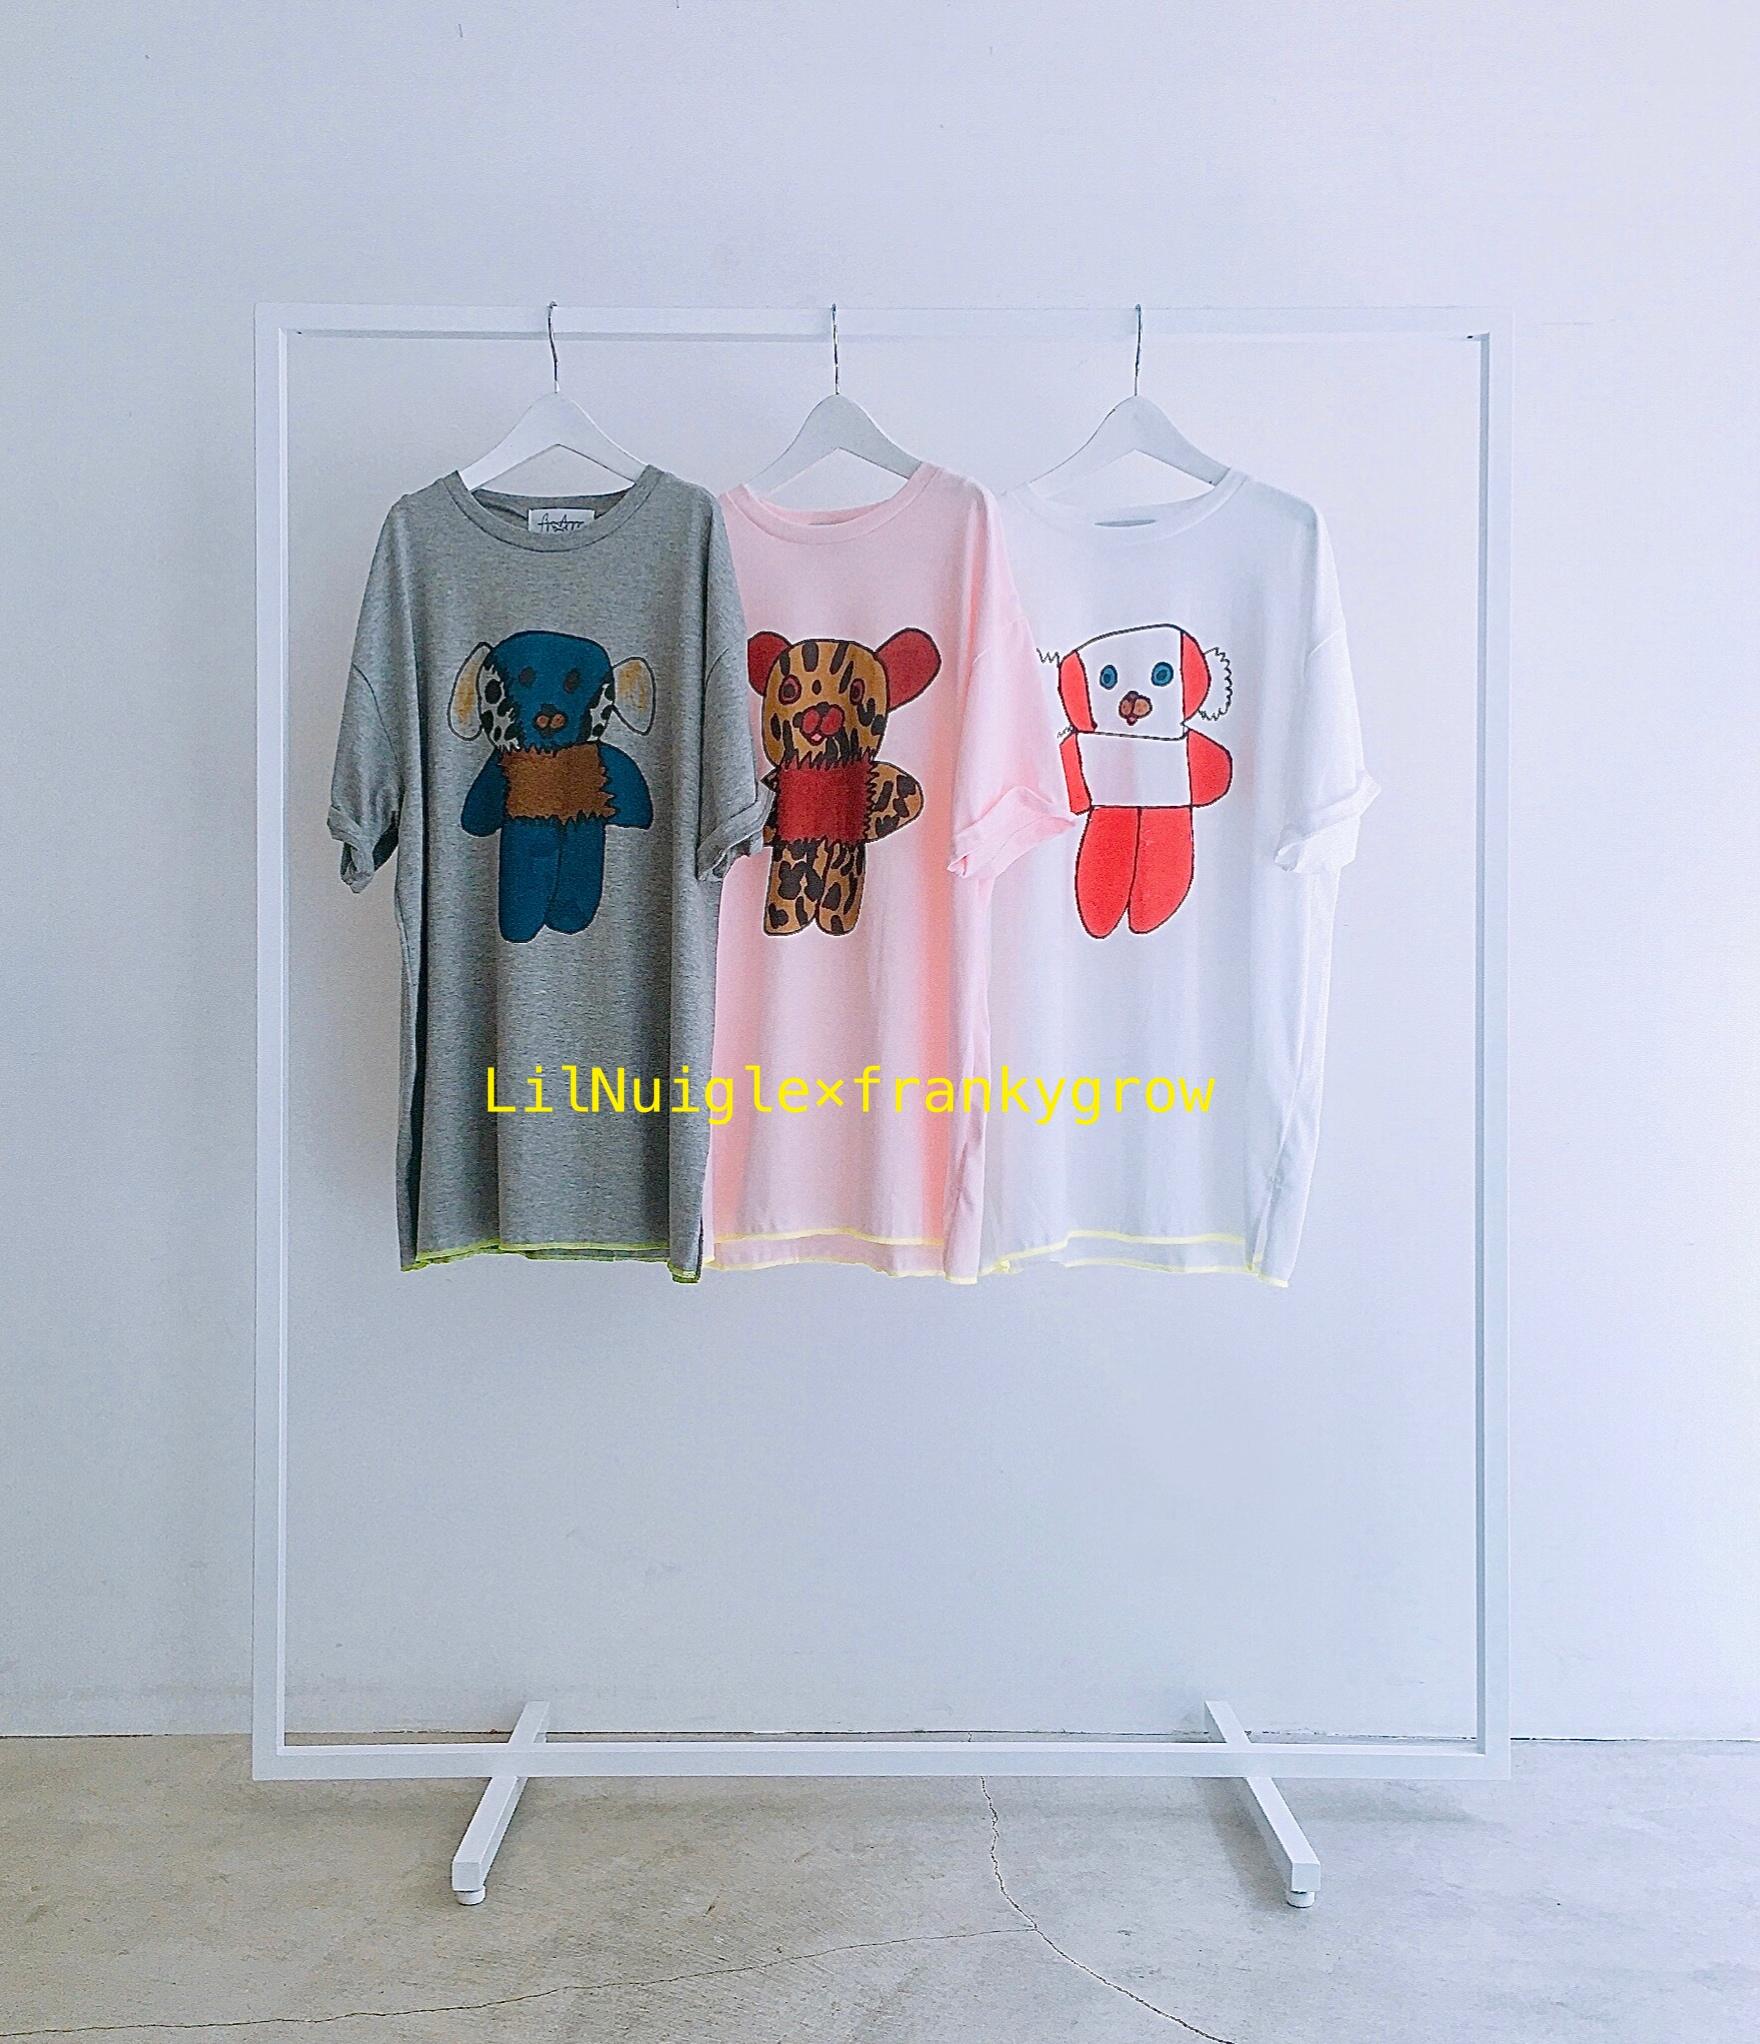 Tシャツ &Lil Nuigle ぬいぐるみ展 後半